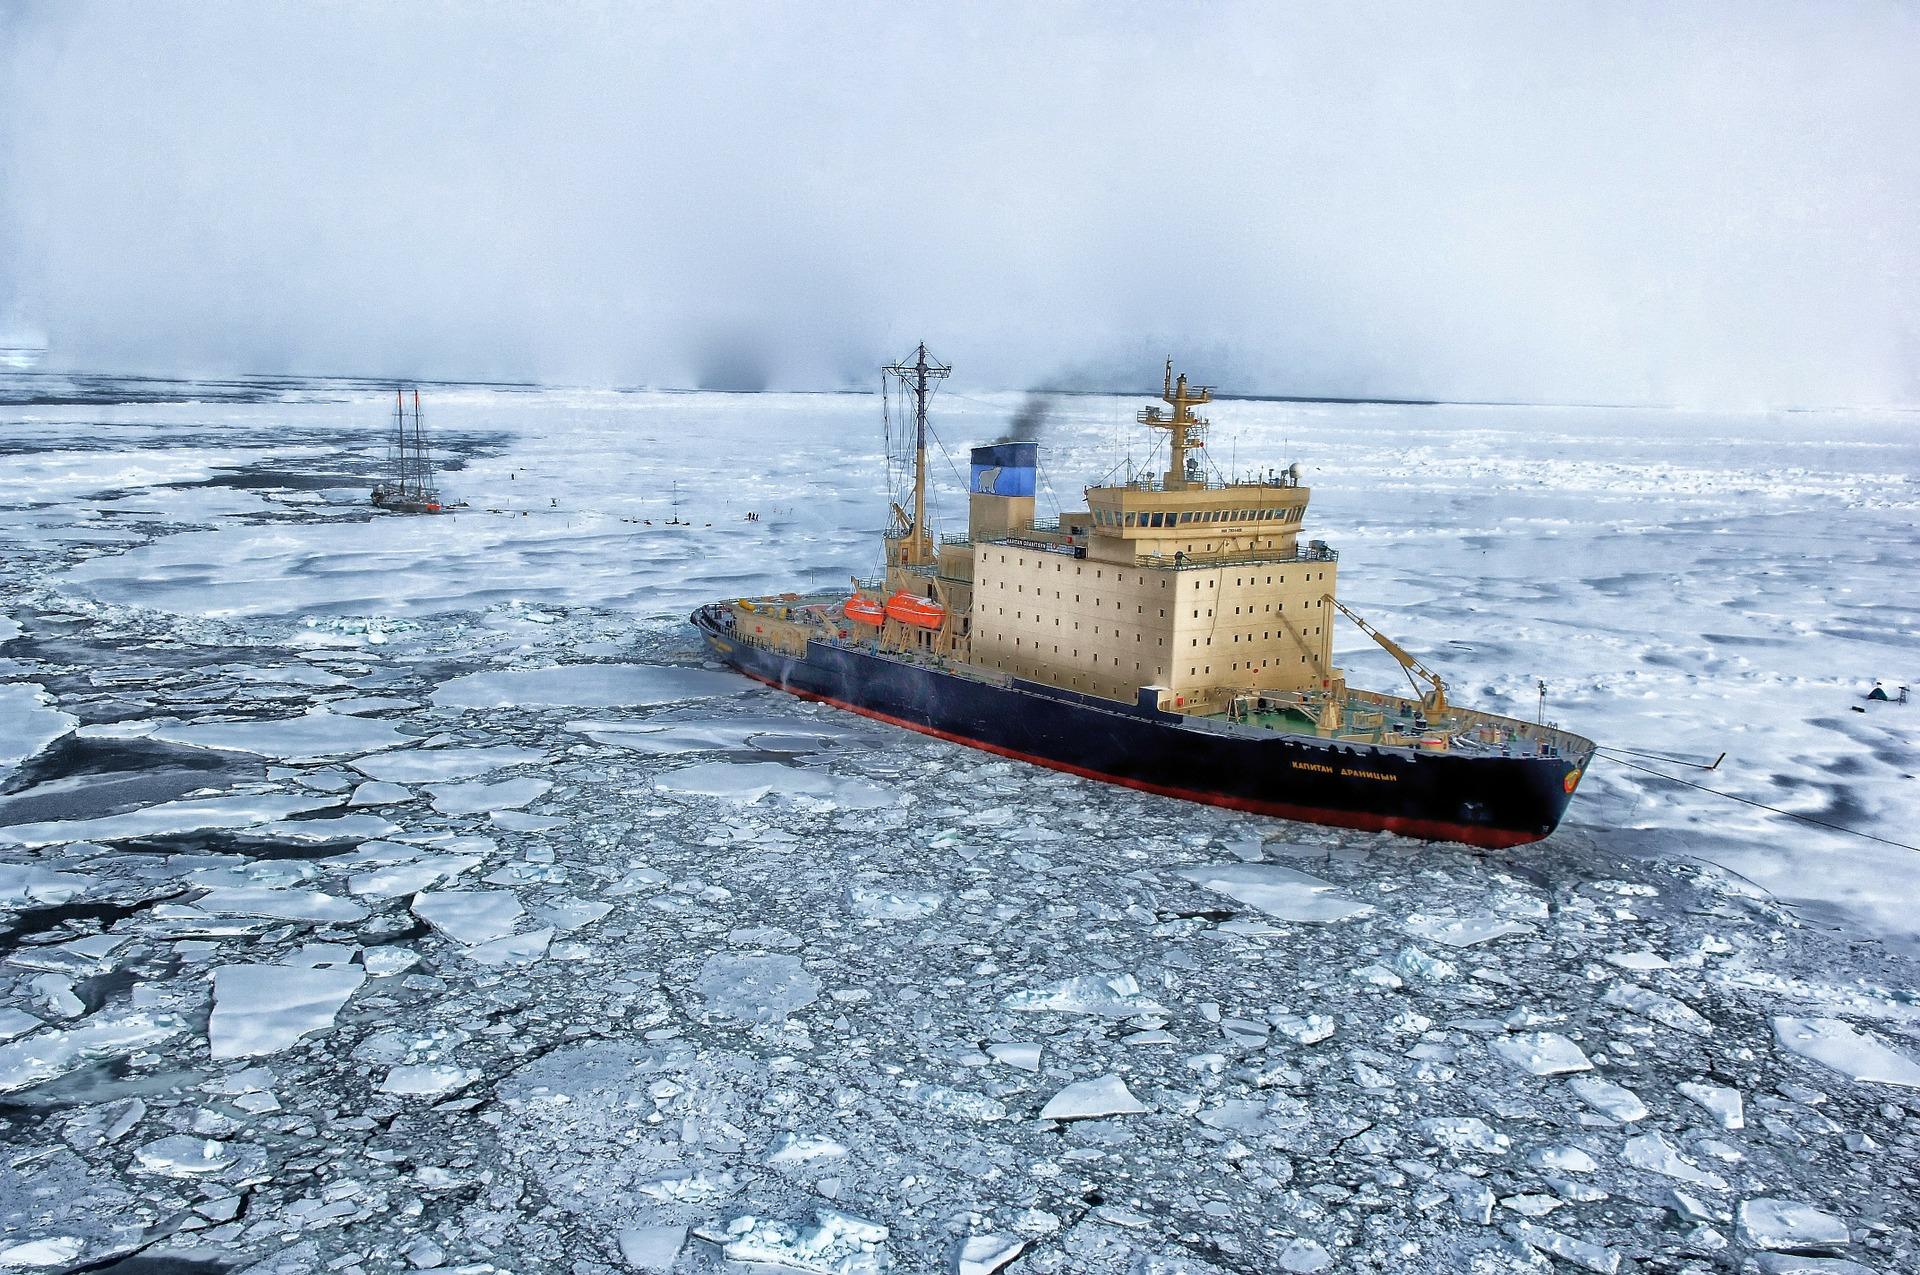 Ασυνήθιστη μείωση του στρατοσφαιρικού όζοντος πάνω από την Αρκτική